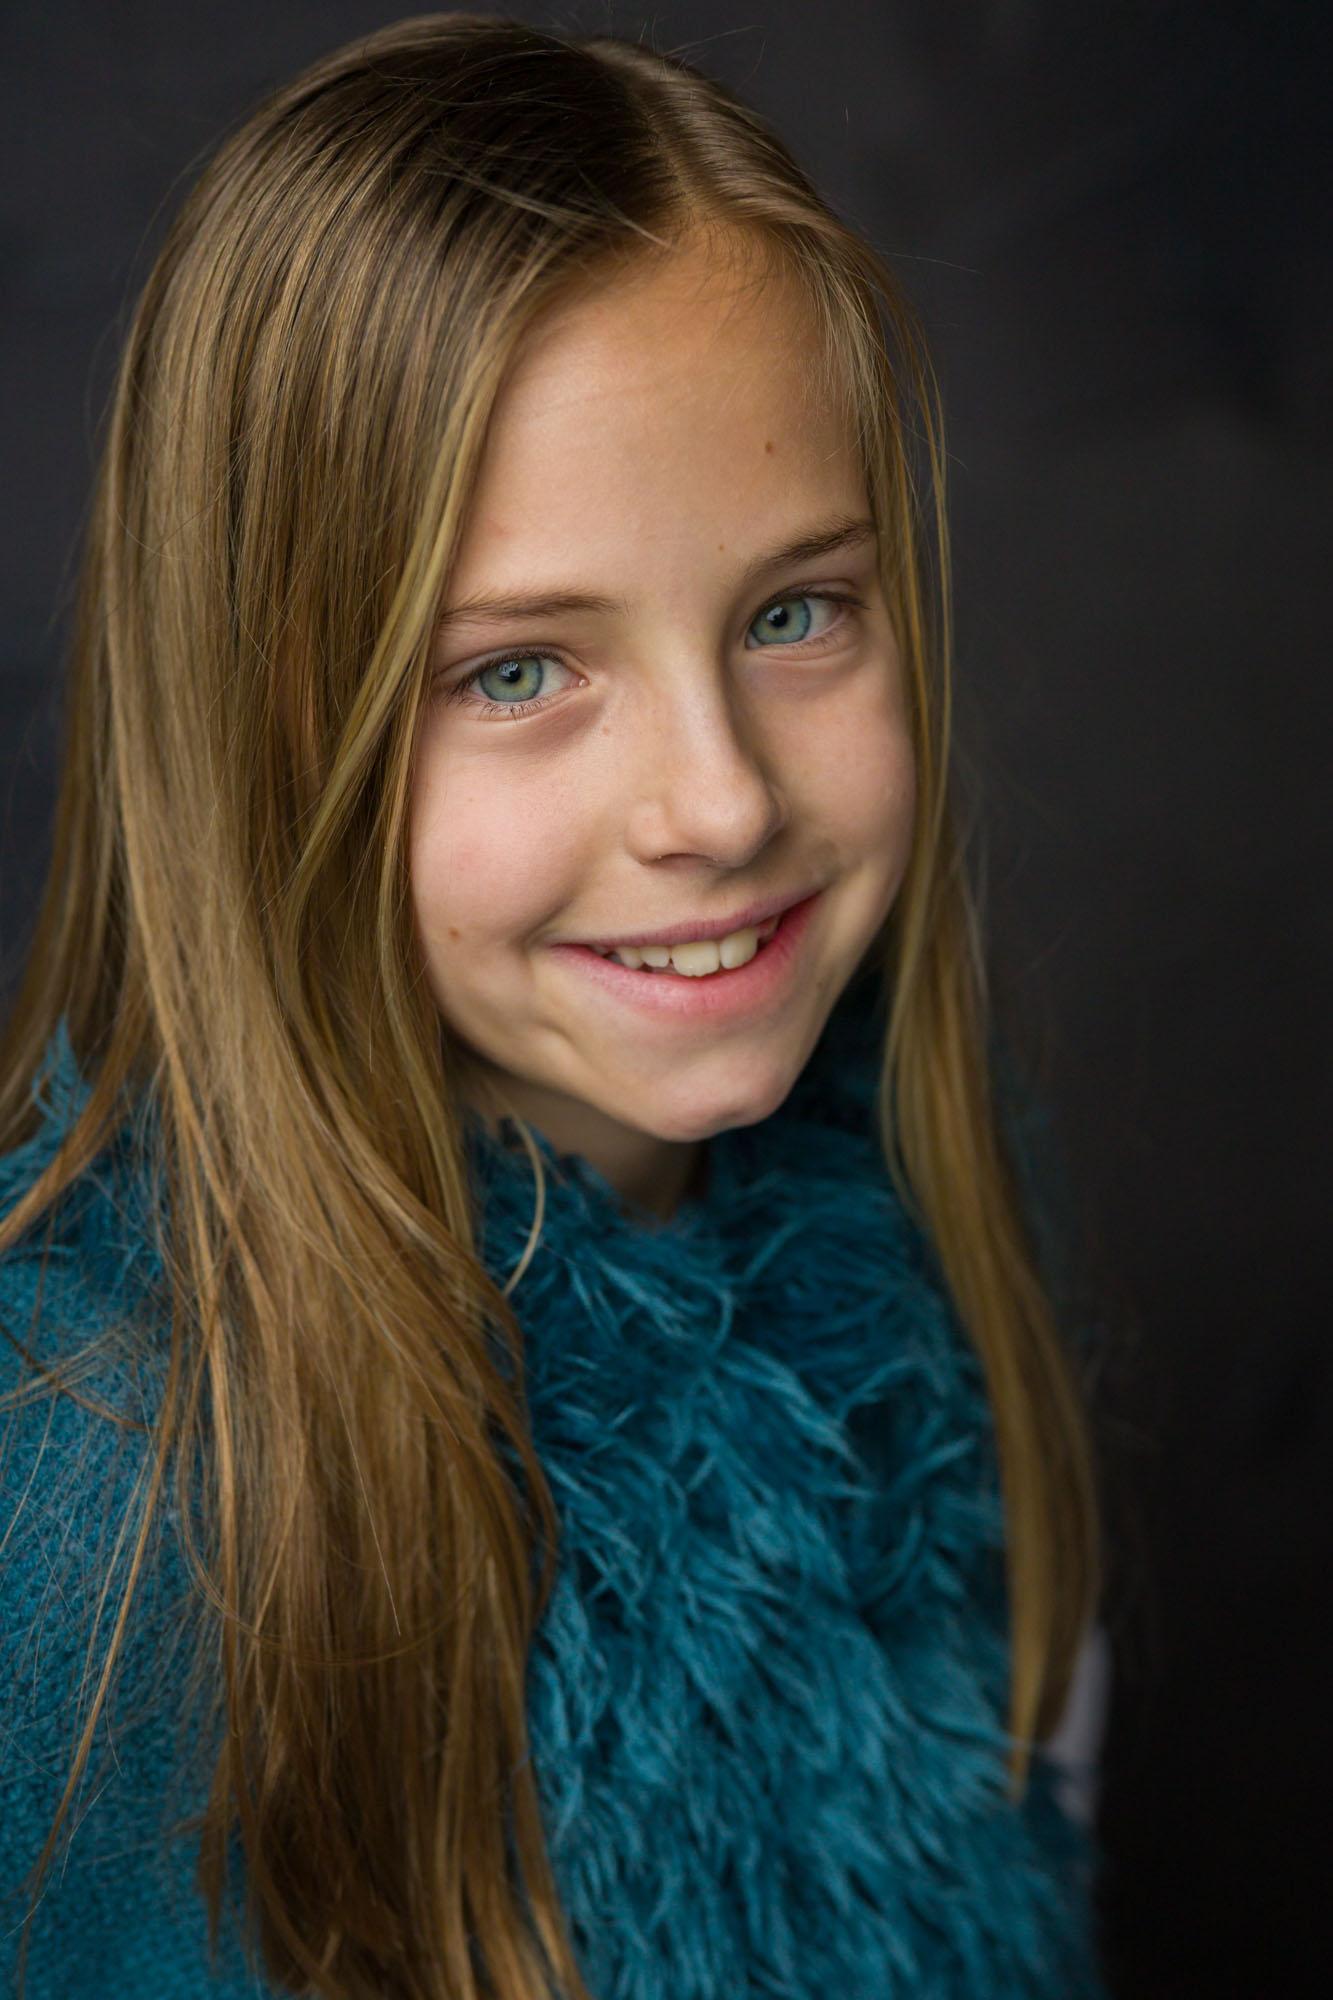 Natuurlijk licht portret in daglicht fotostudio. Mayra Fotografie. Fotograaf Amersfoort, Nijkerk, Hoevelaken en omgeving.